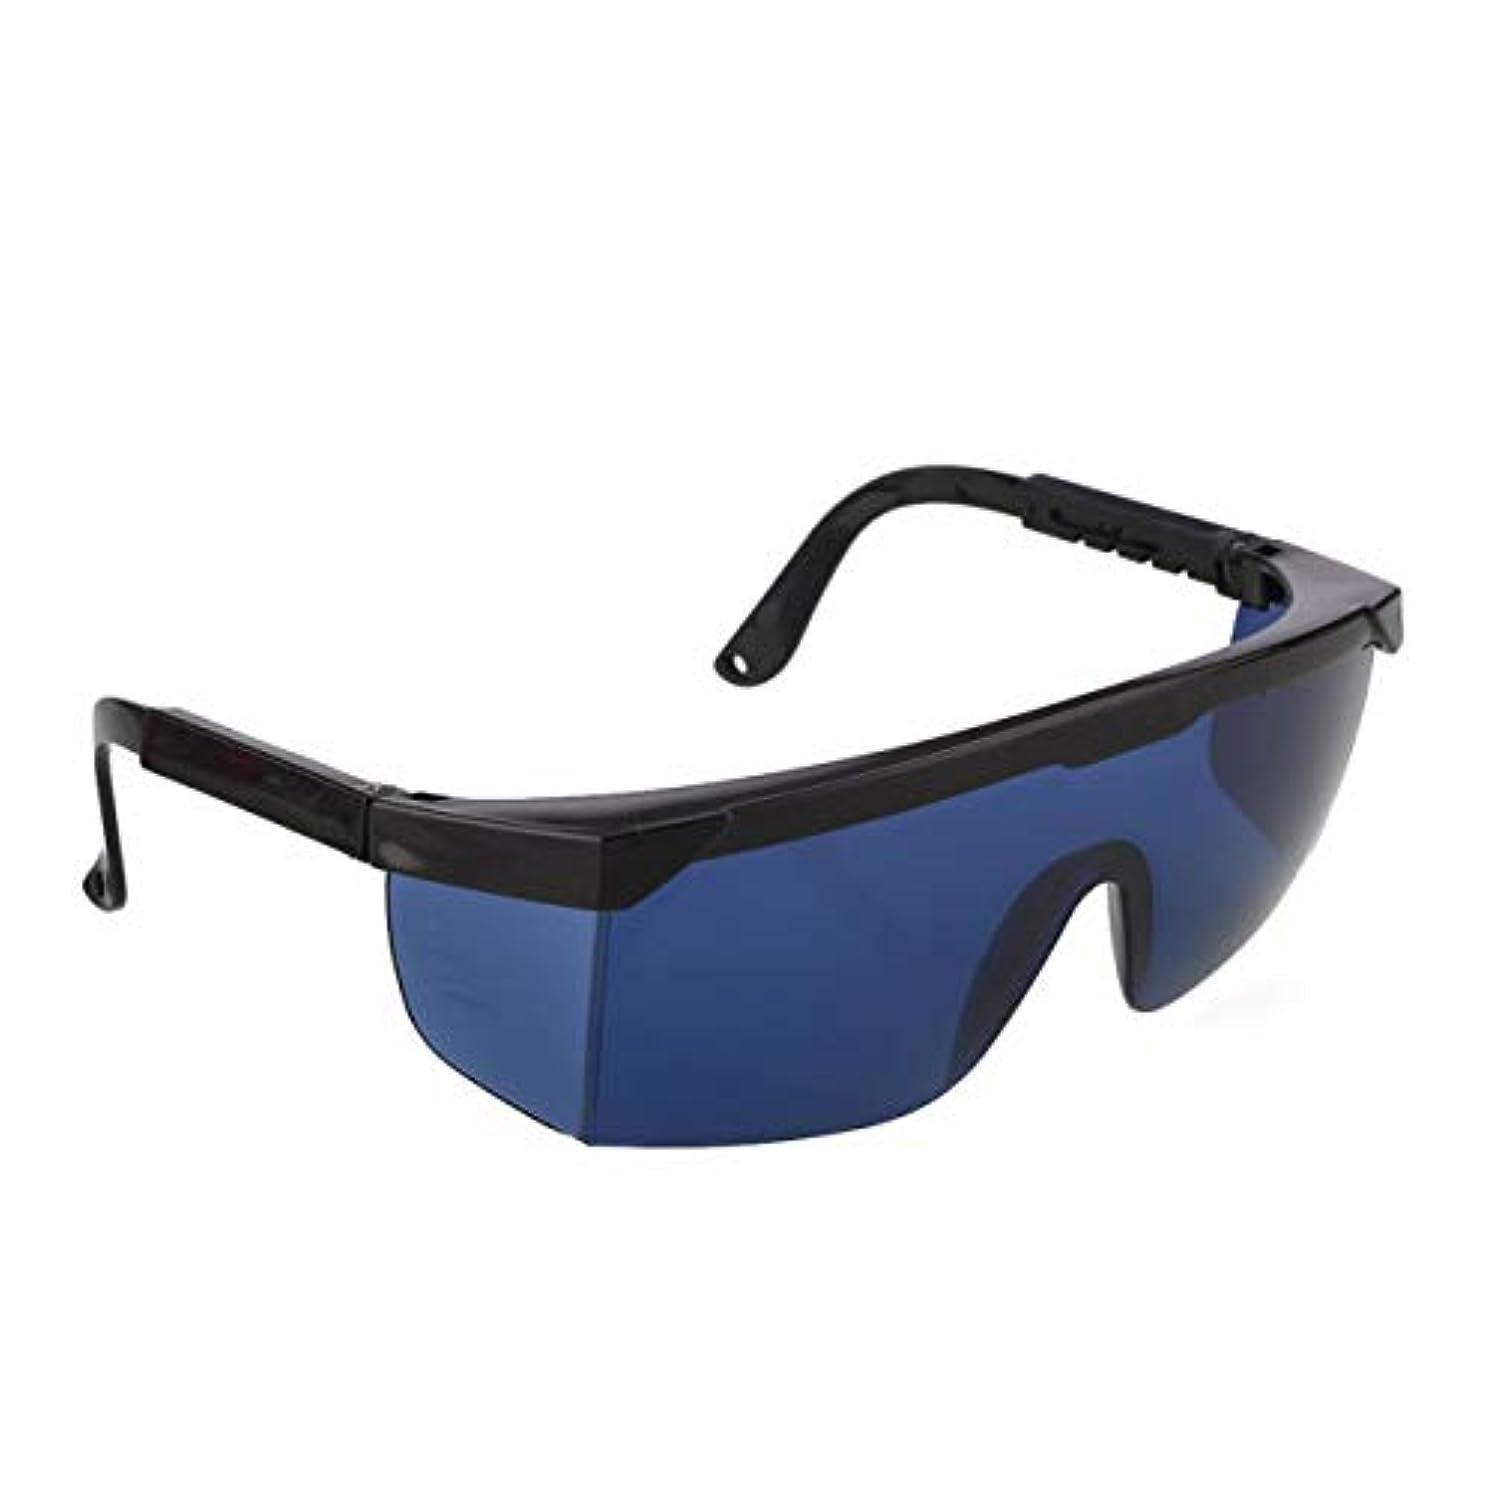 複製する協定比較Saikogoods 除毛クリーム ポイント脱毛保護メガネユニバーサルゴーグル眼鏡を凍結IPL/E-光OPTのためのレーザー保護メガネ 青